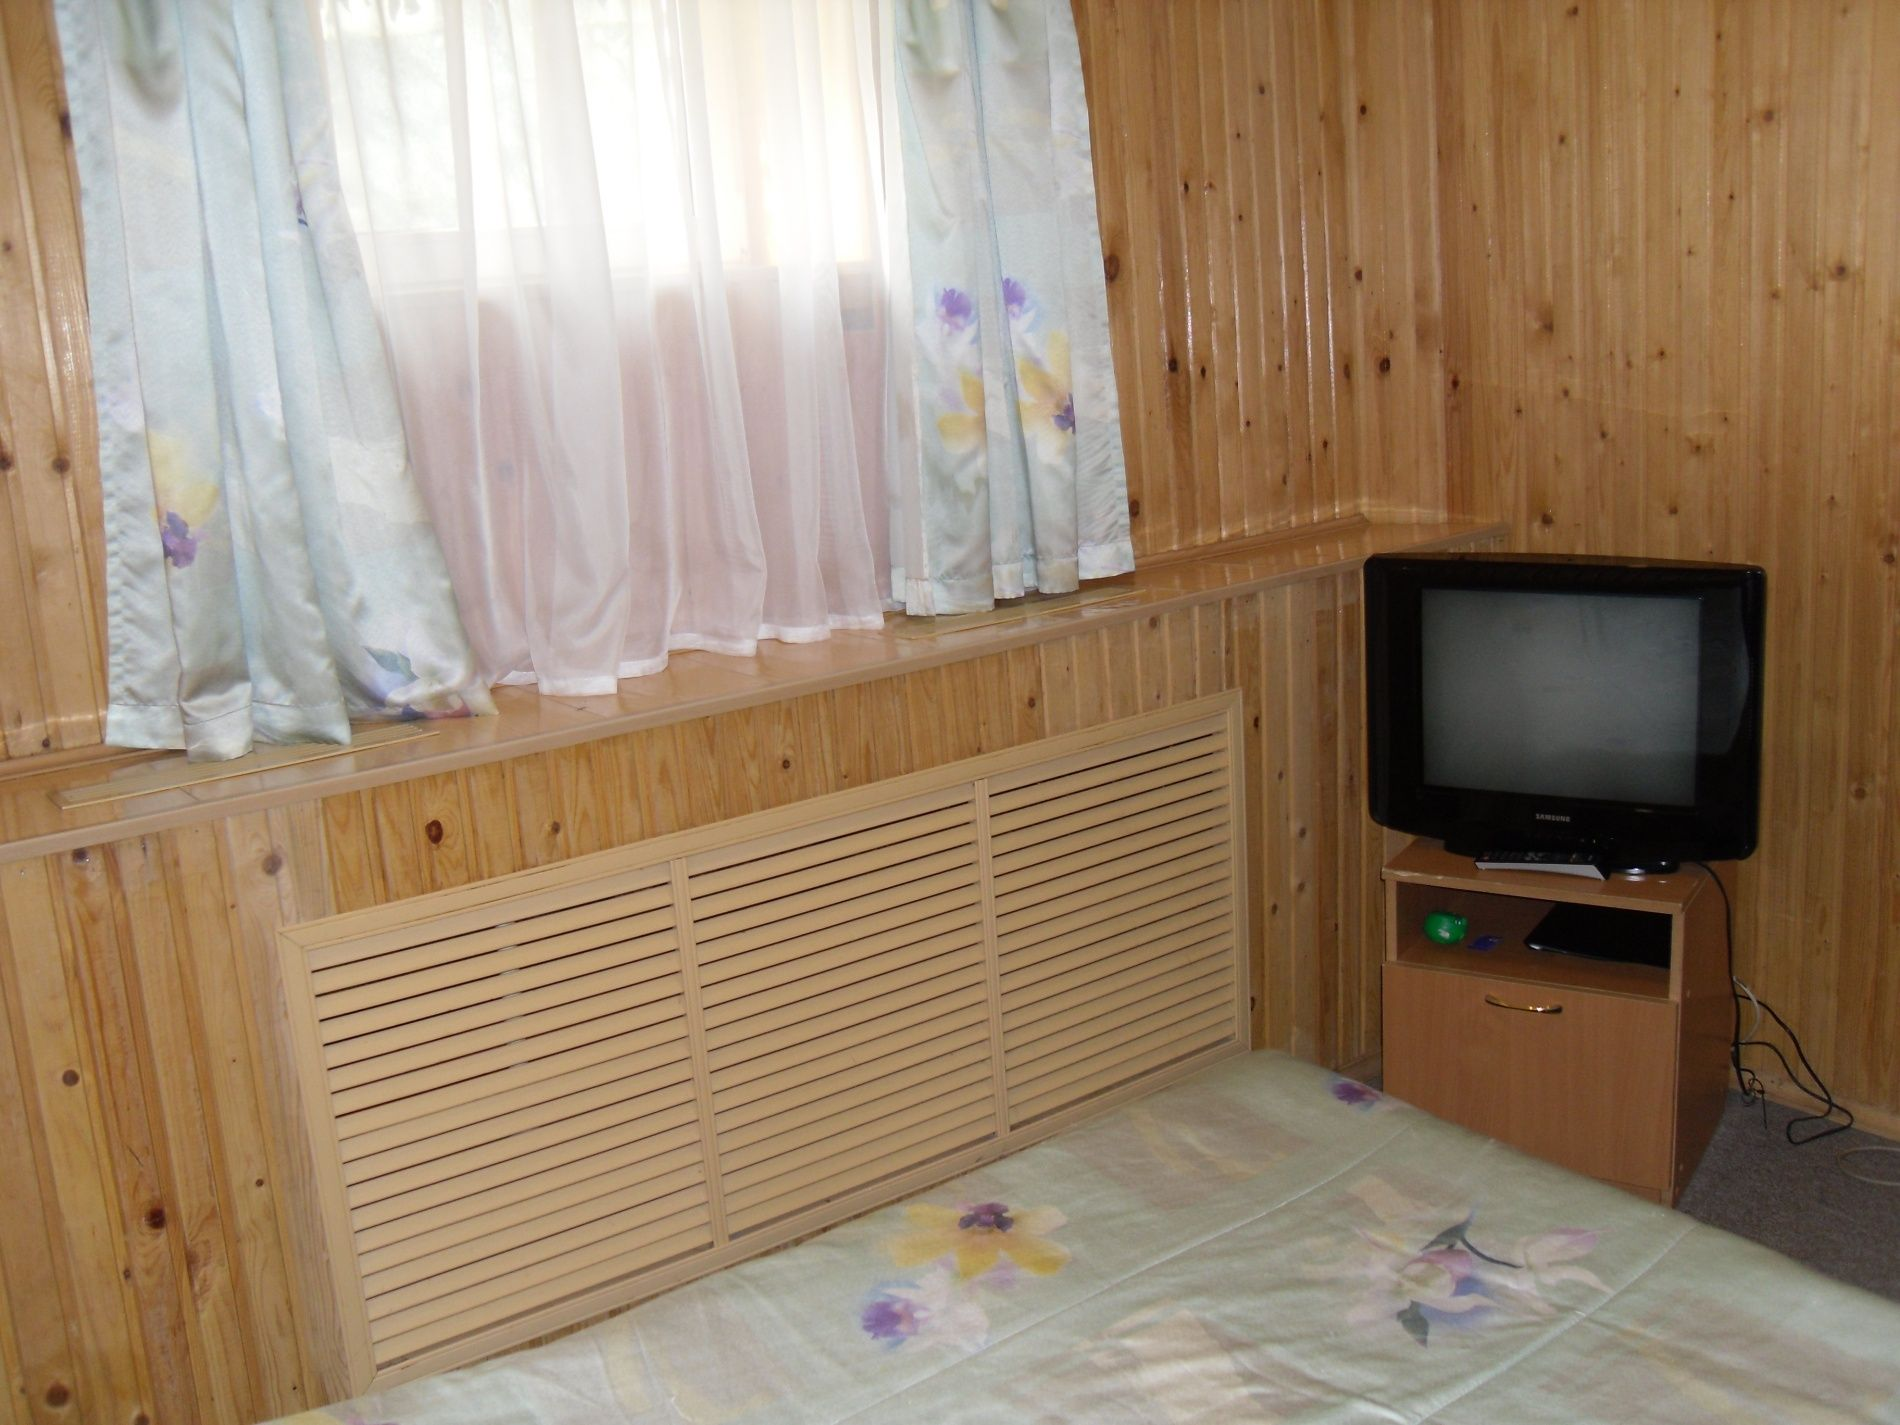 Туристический комплекс «Мирная Пристань» Ивановская область 1-комнатный номер 1 категории (№ 4, 6, 19, 10), фото 8